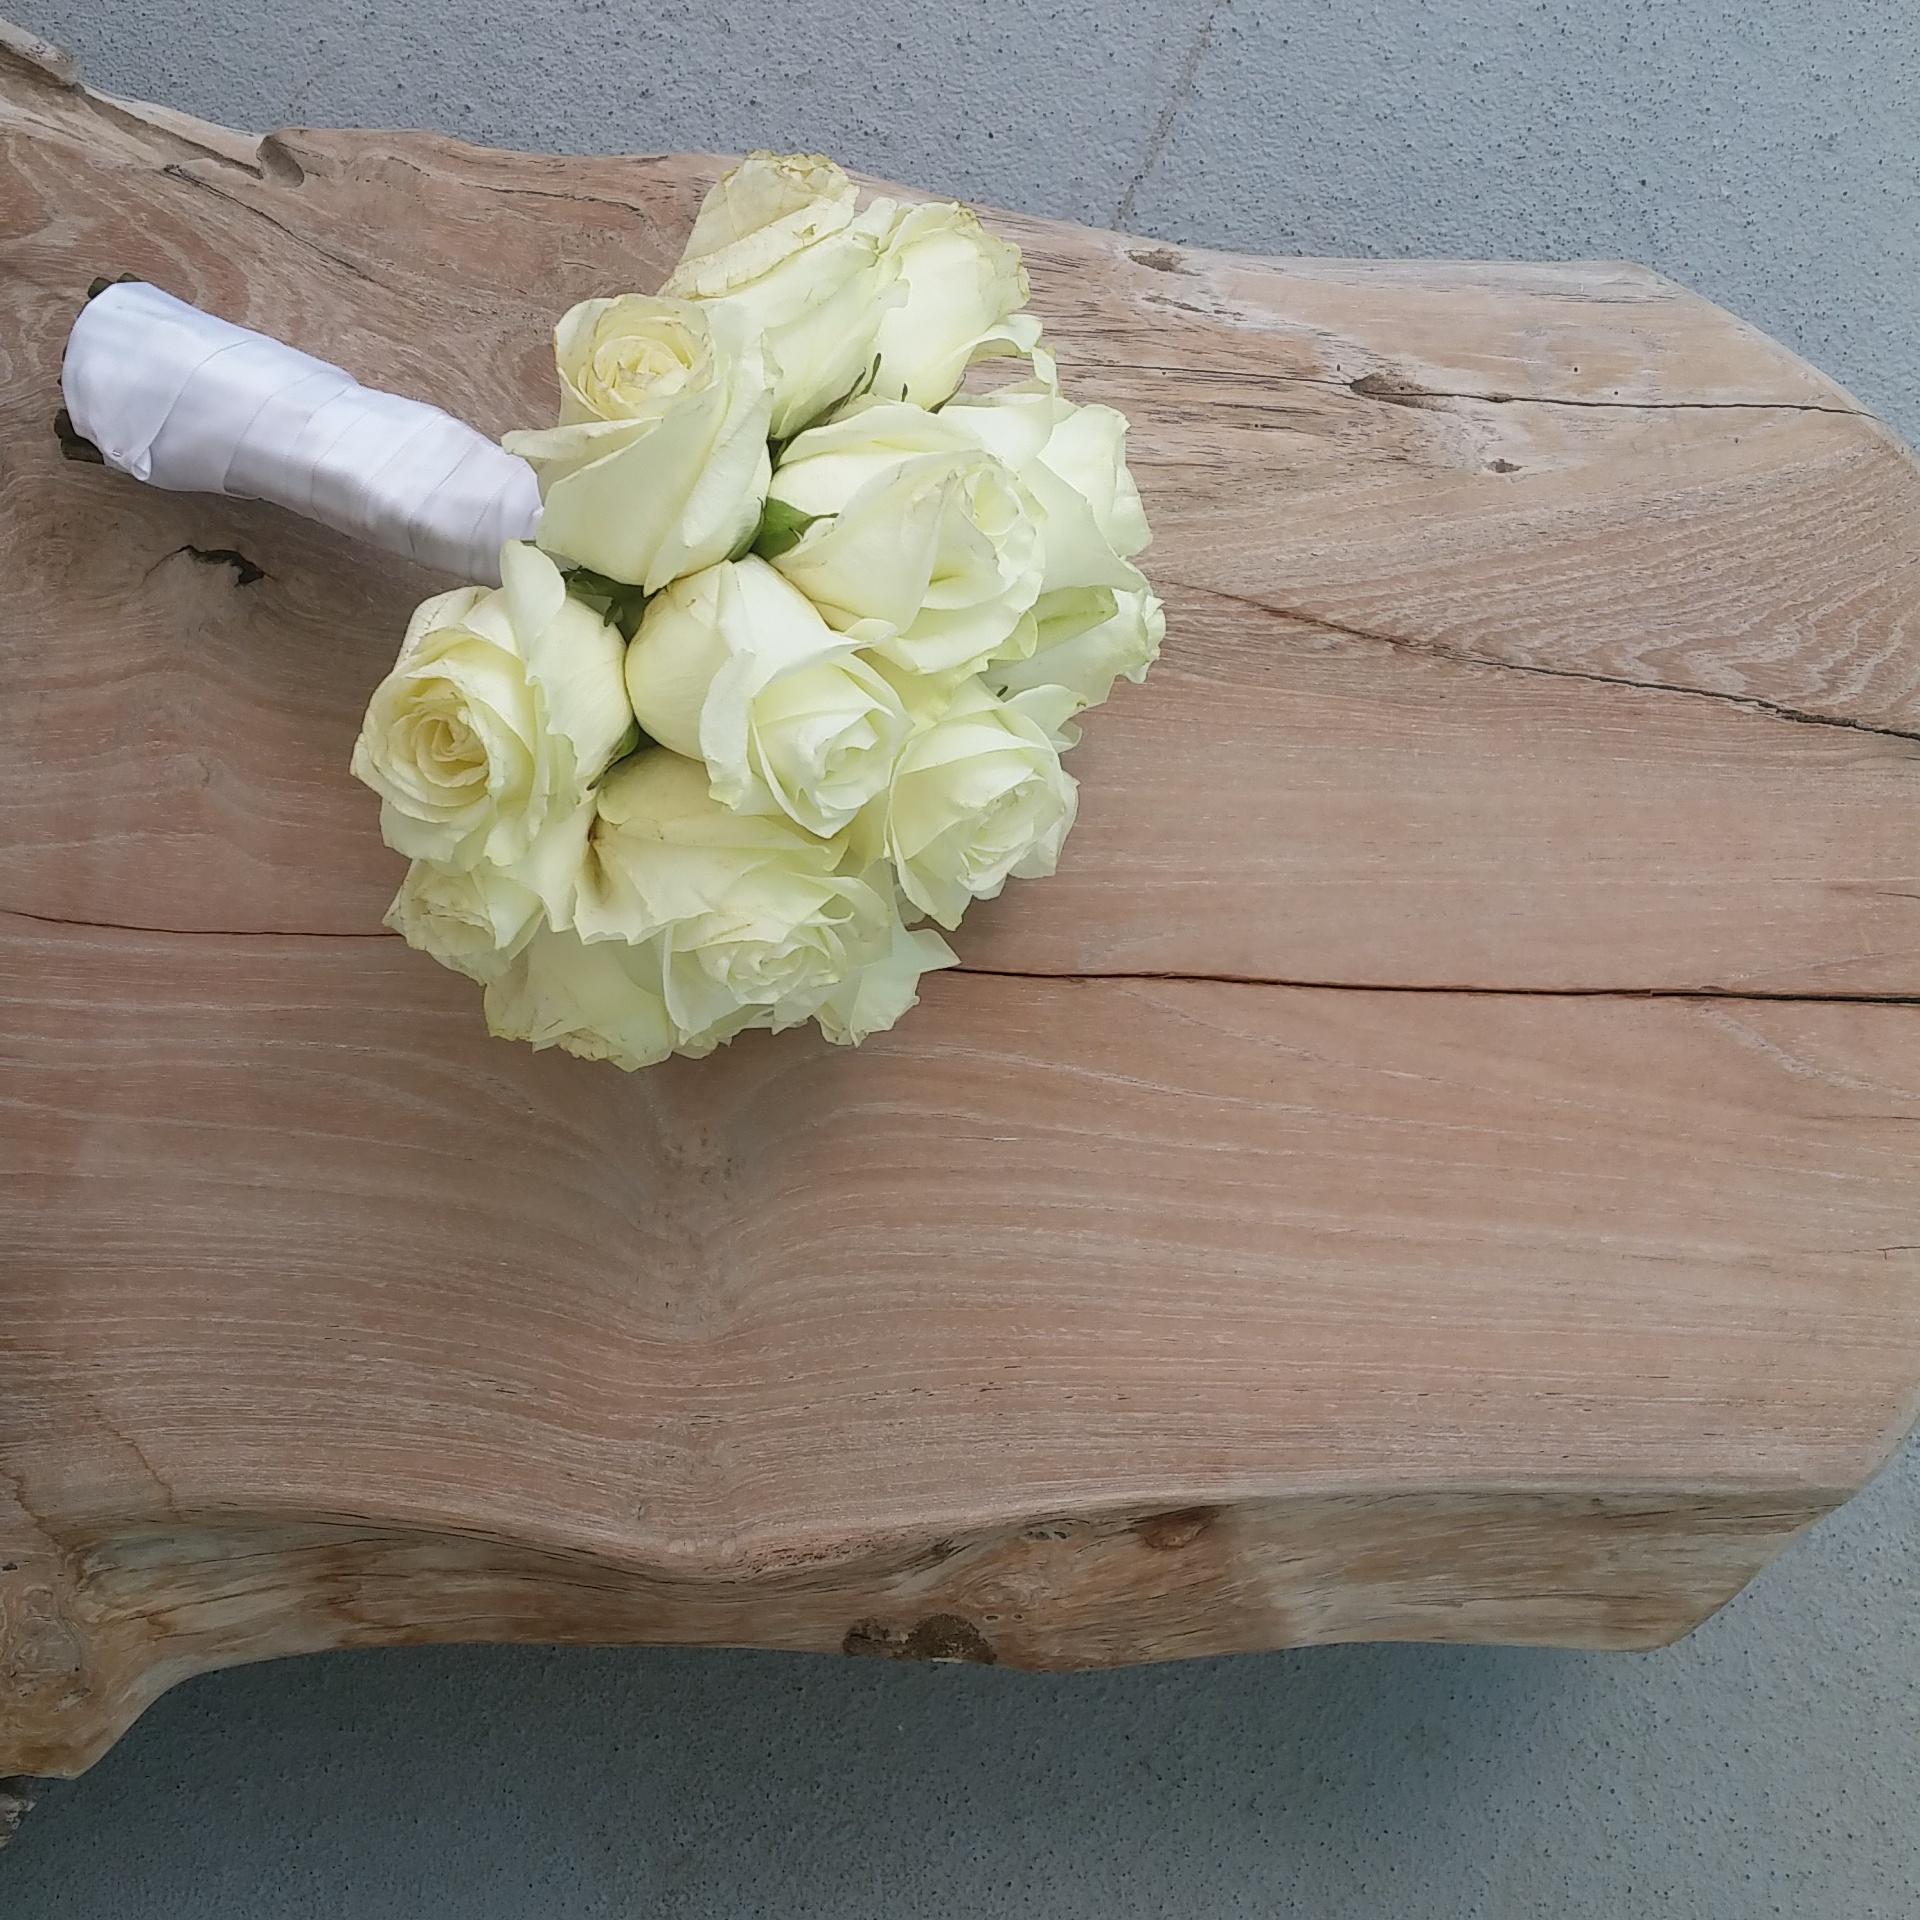 renouvellement_voeux_mariage_miami_blog_ailleurs_is_better_bouquet mariee informations pratiques quand renouveler ses vux - Renouvellement Voeux Mariage Las Vegas